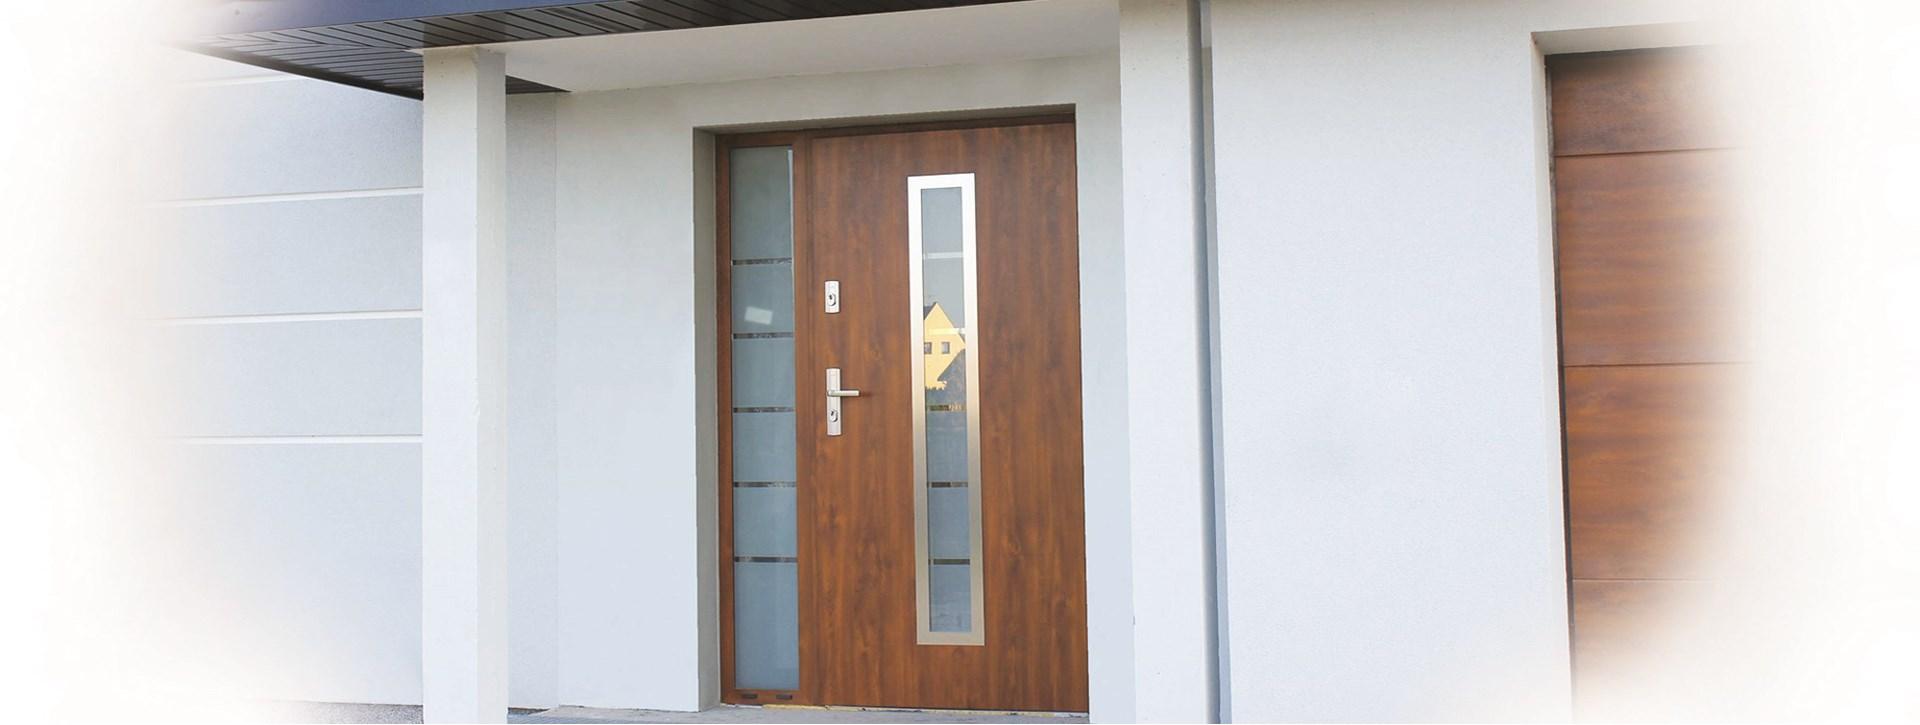 drzwi zewnętrzne Wikęd: Dla tych co cenią wygodę, oszczędność i jakość